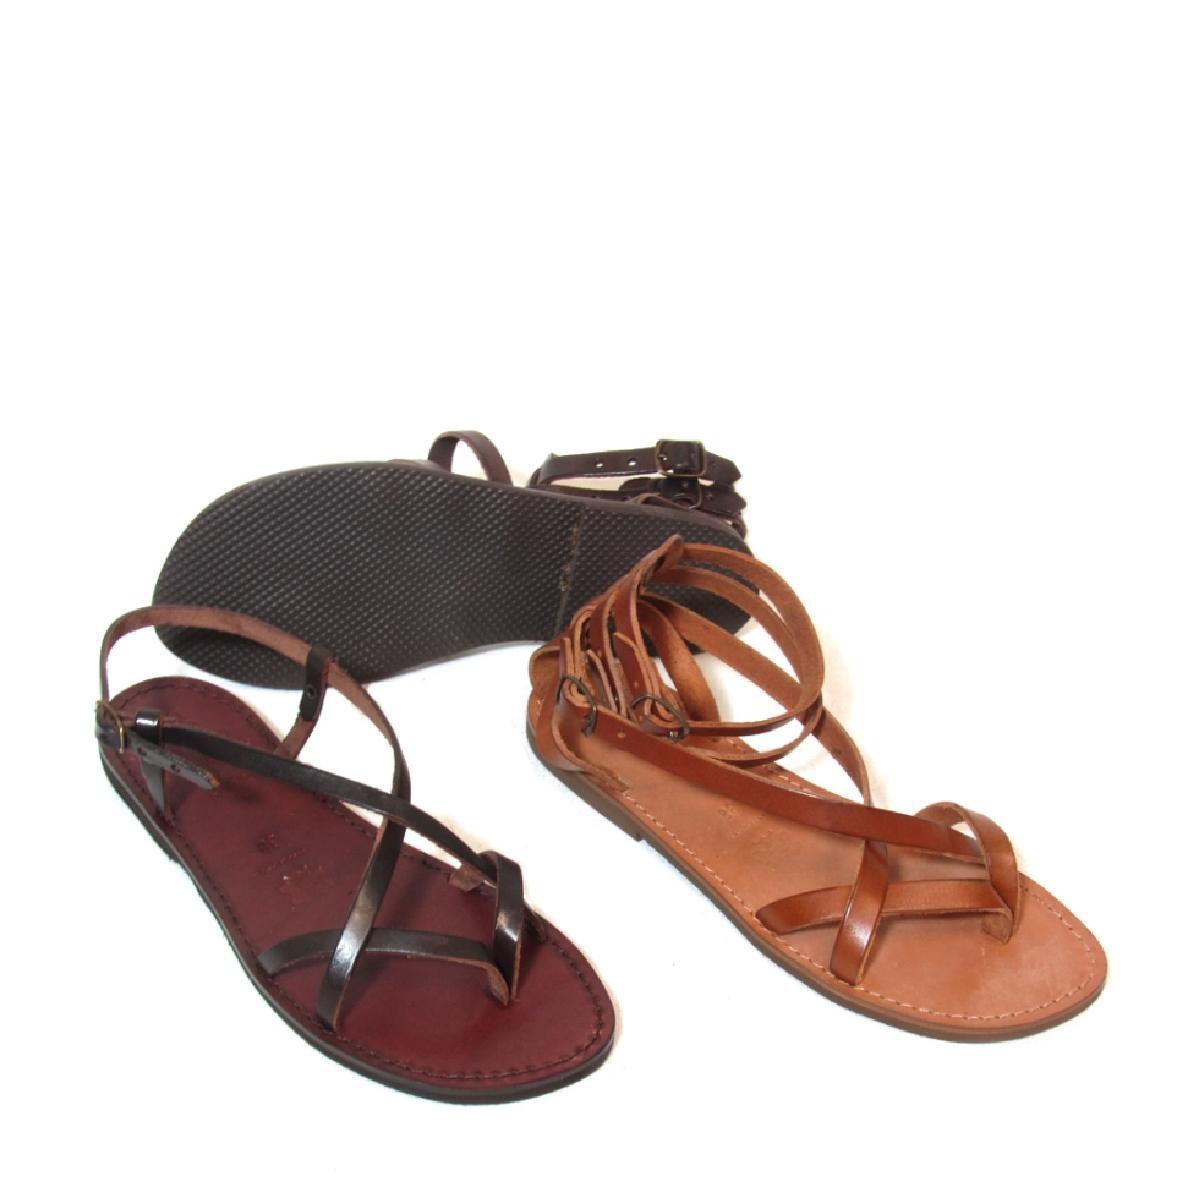 sandali gladiatore fatti a mano in pelle colore testa di moro con suola in gomma - Sandale Colore